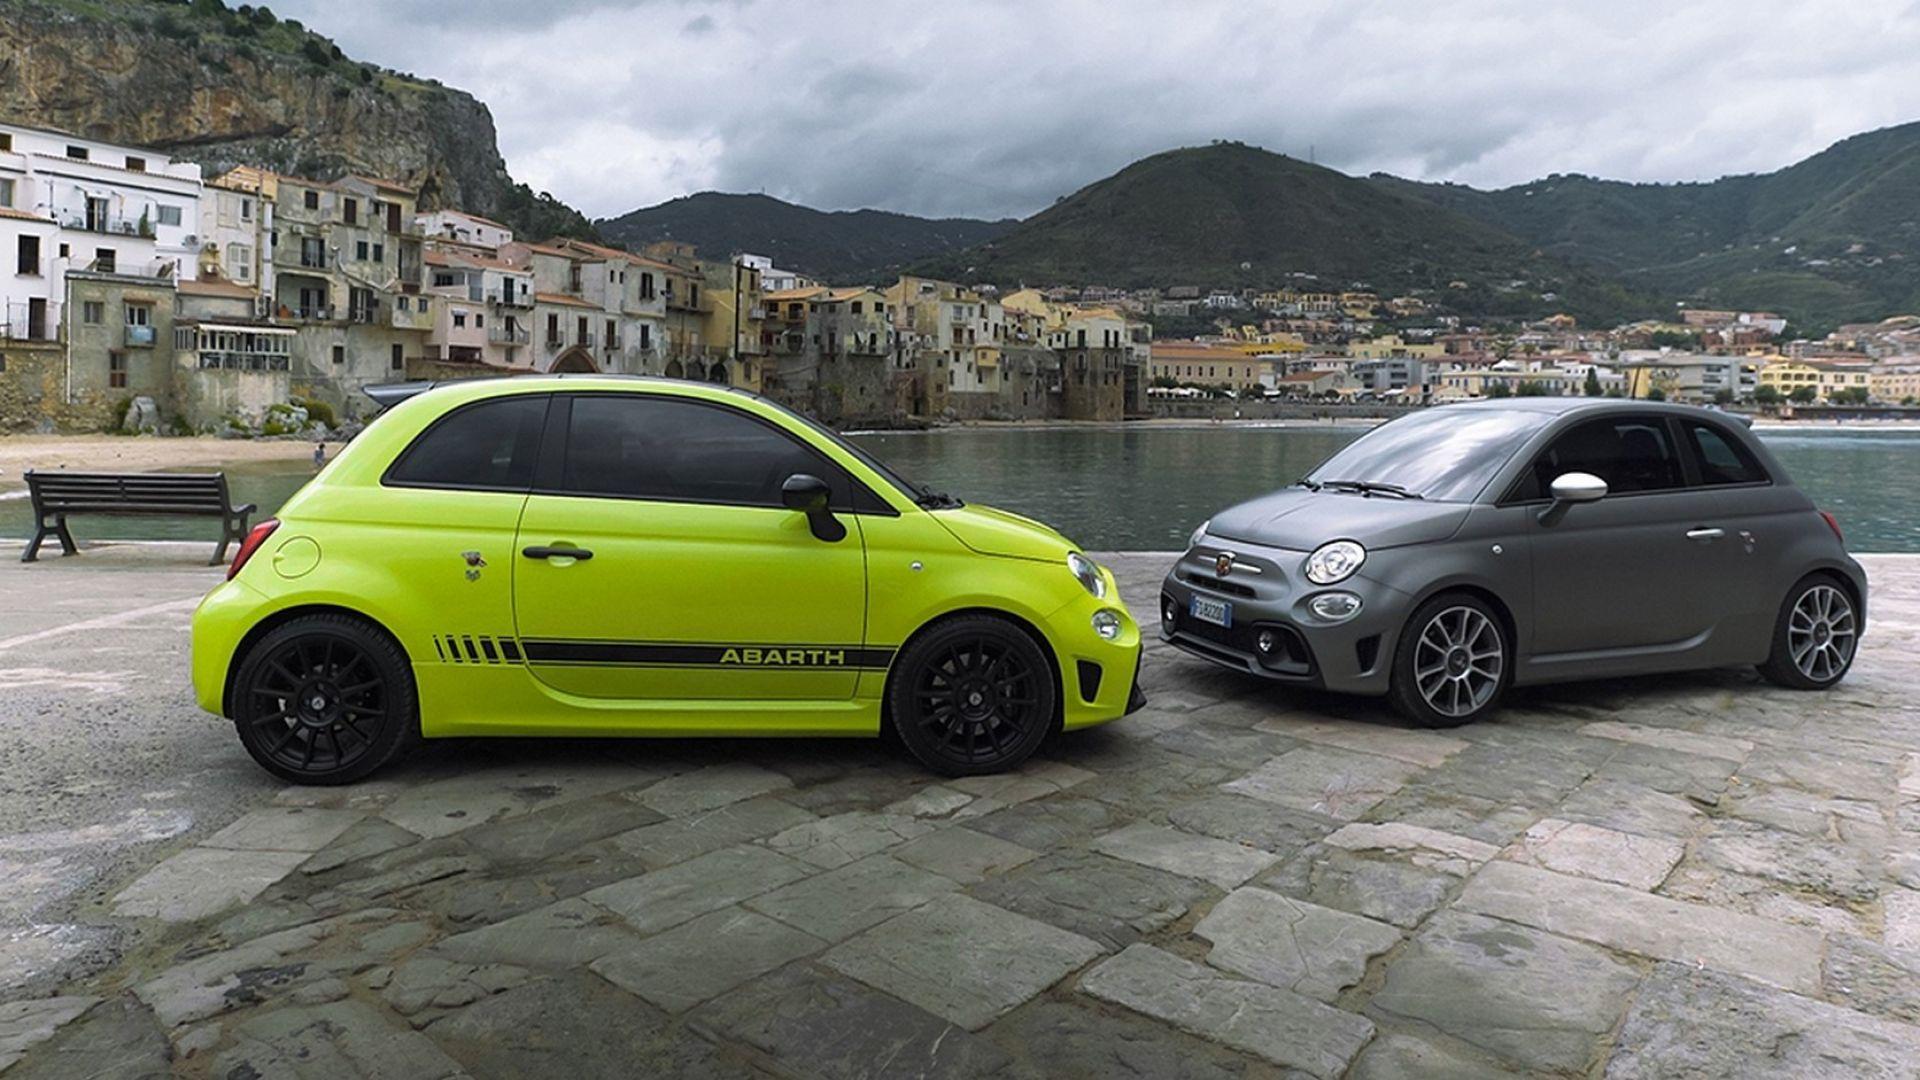 nuova 500 abarth 2019  gamma  motori  versioni  potenza